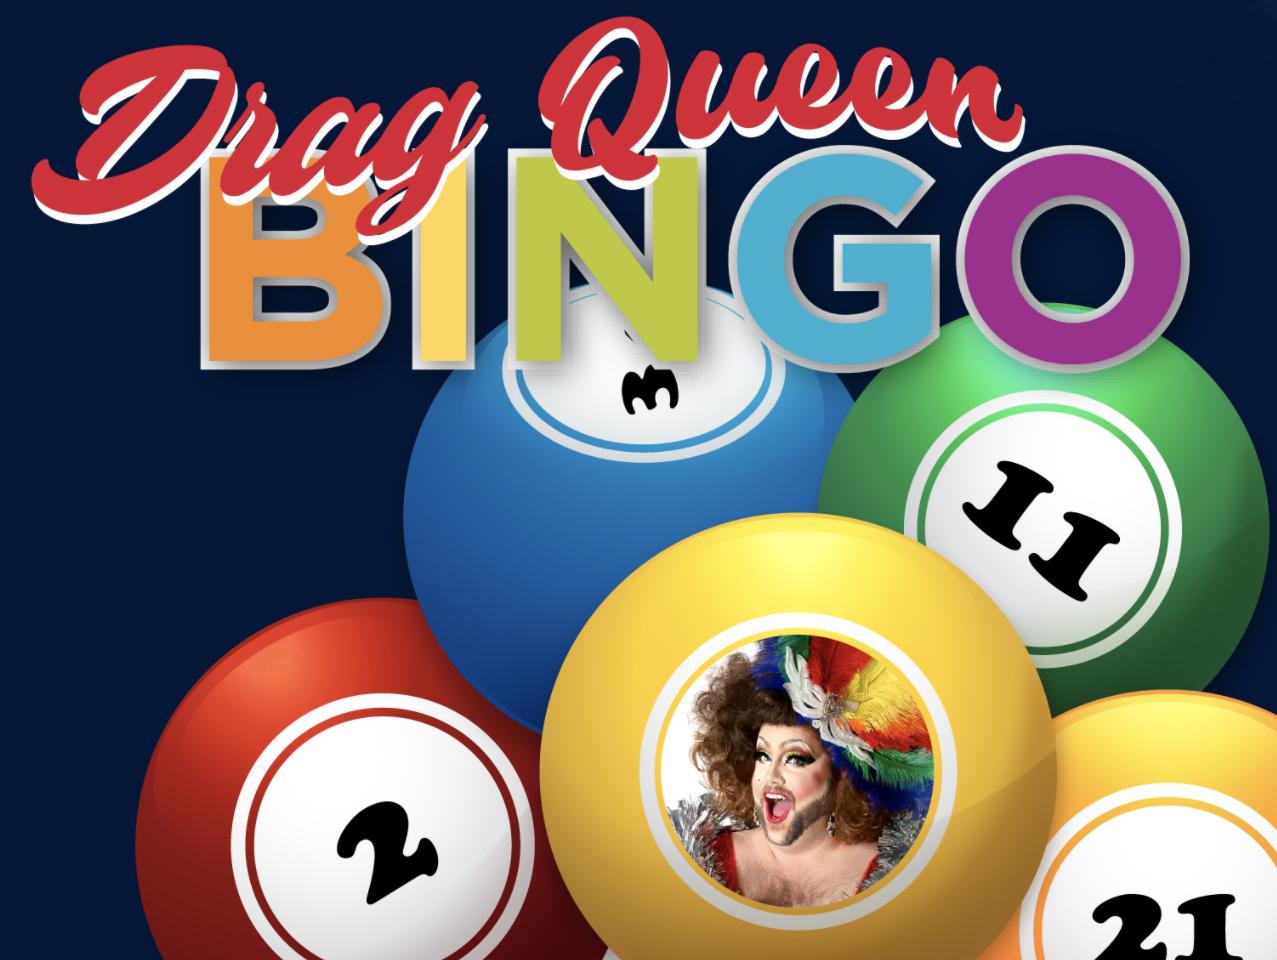 Drag Queen Bingo is happening at 7:30 p.m. Fruary 11, 2021.